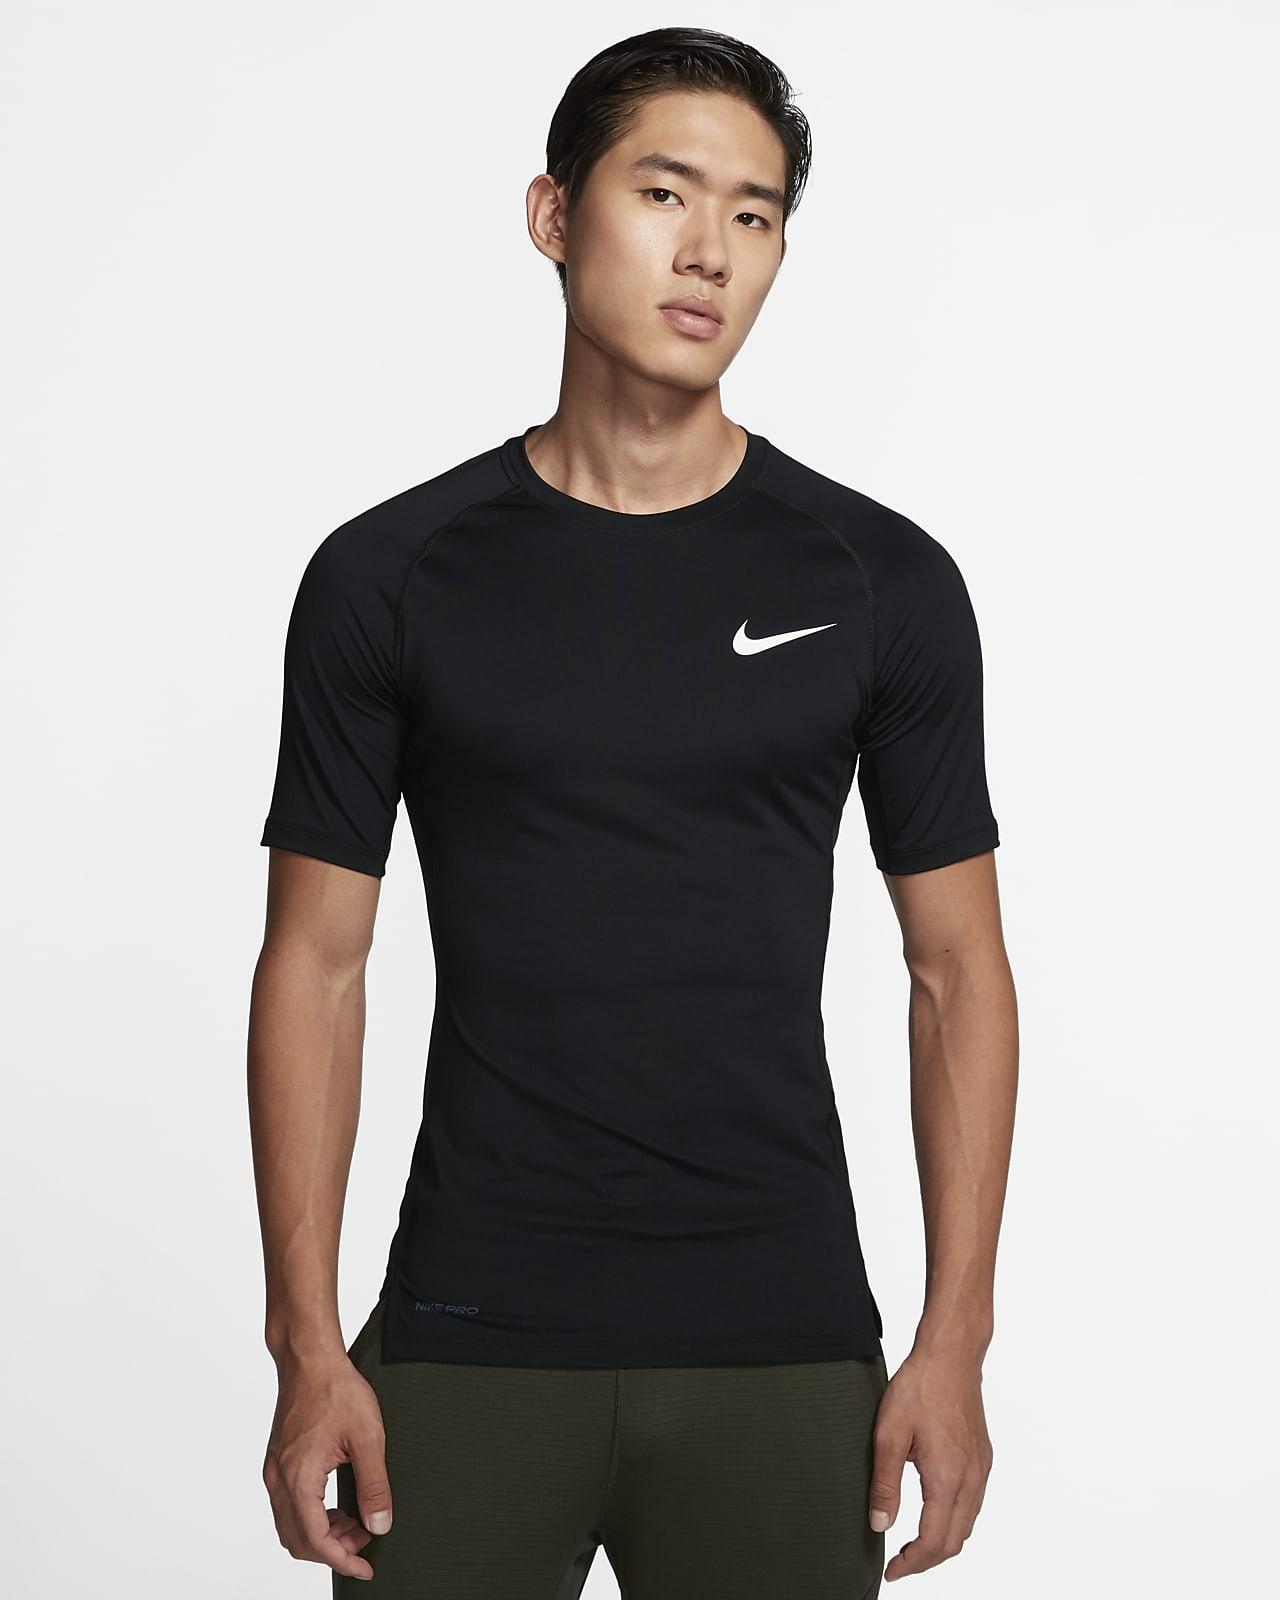 เสื้อแขนสั้นผู้ชาย Nike Pro